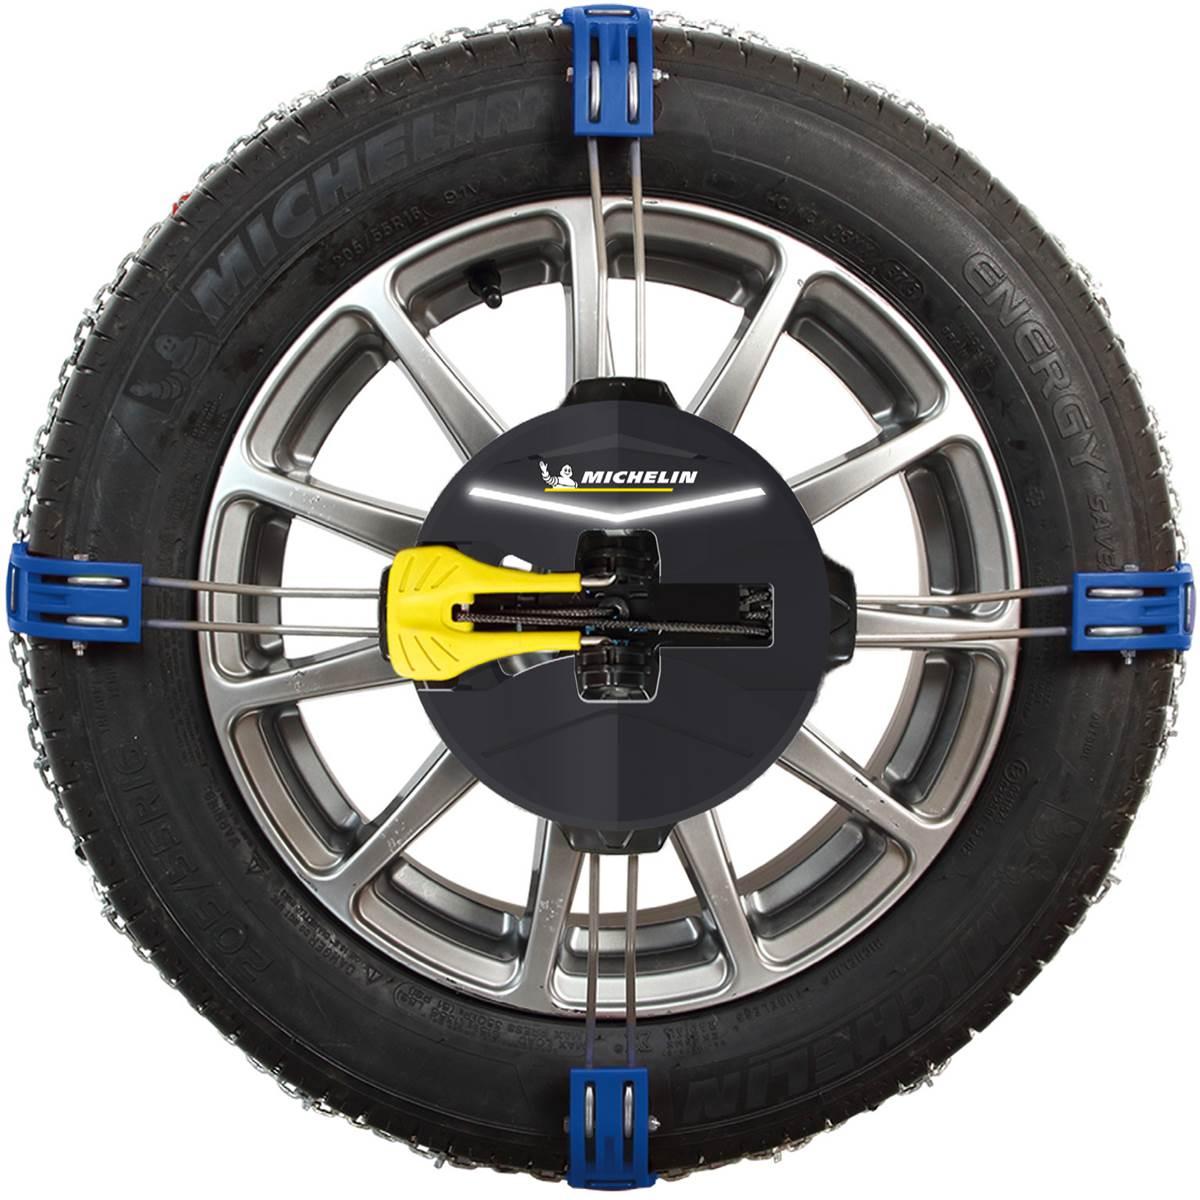 2 chaînes neige Fast Grip Michelin n°130